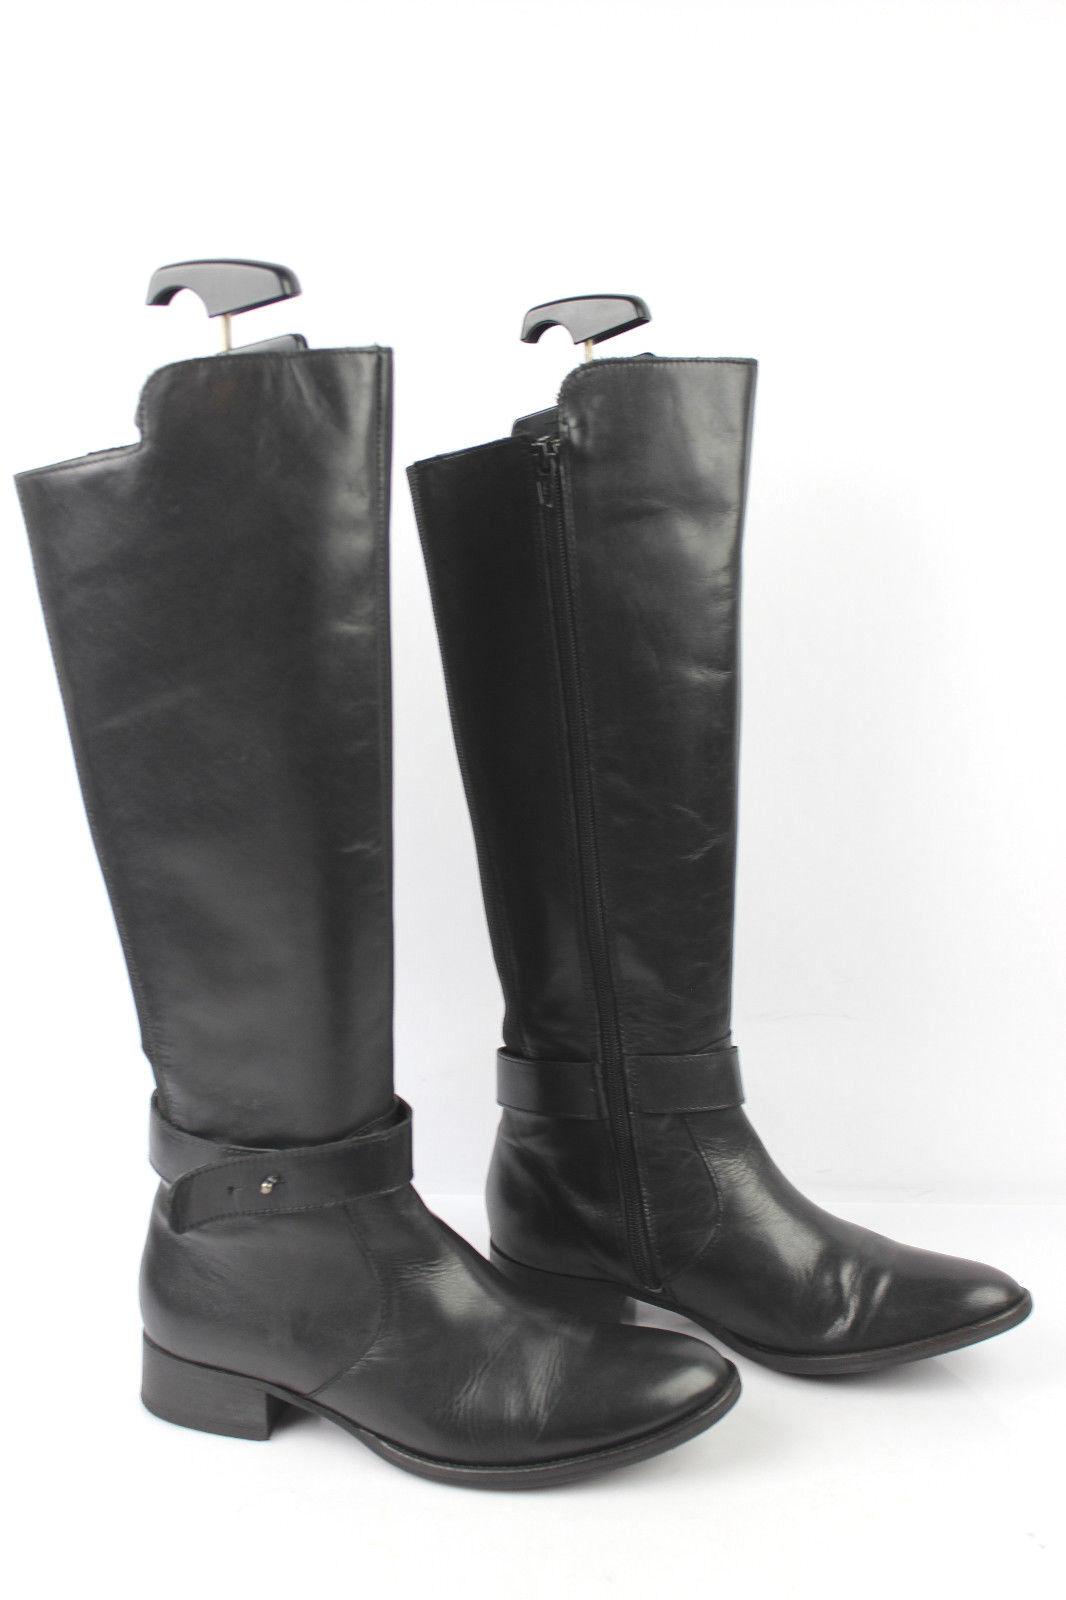 Stiefel SBN MBRINB schwarzes Leder Comic elastisch t 36 sehr guter Zustand